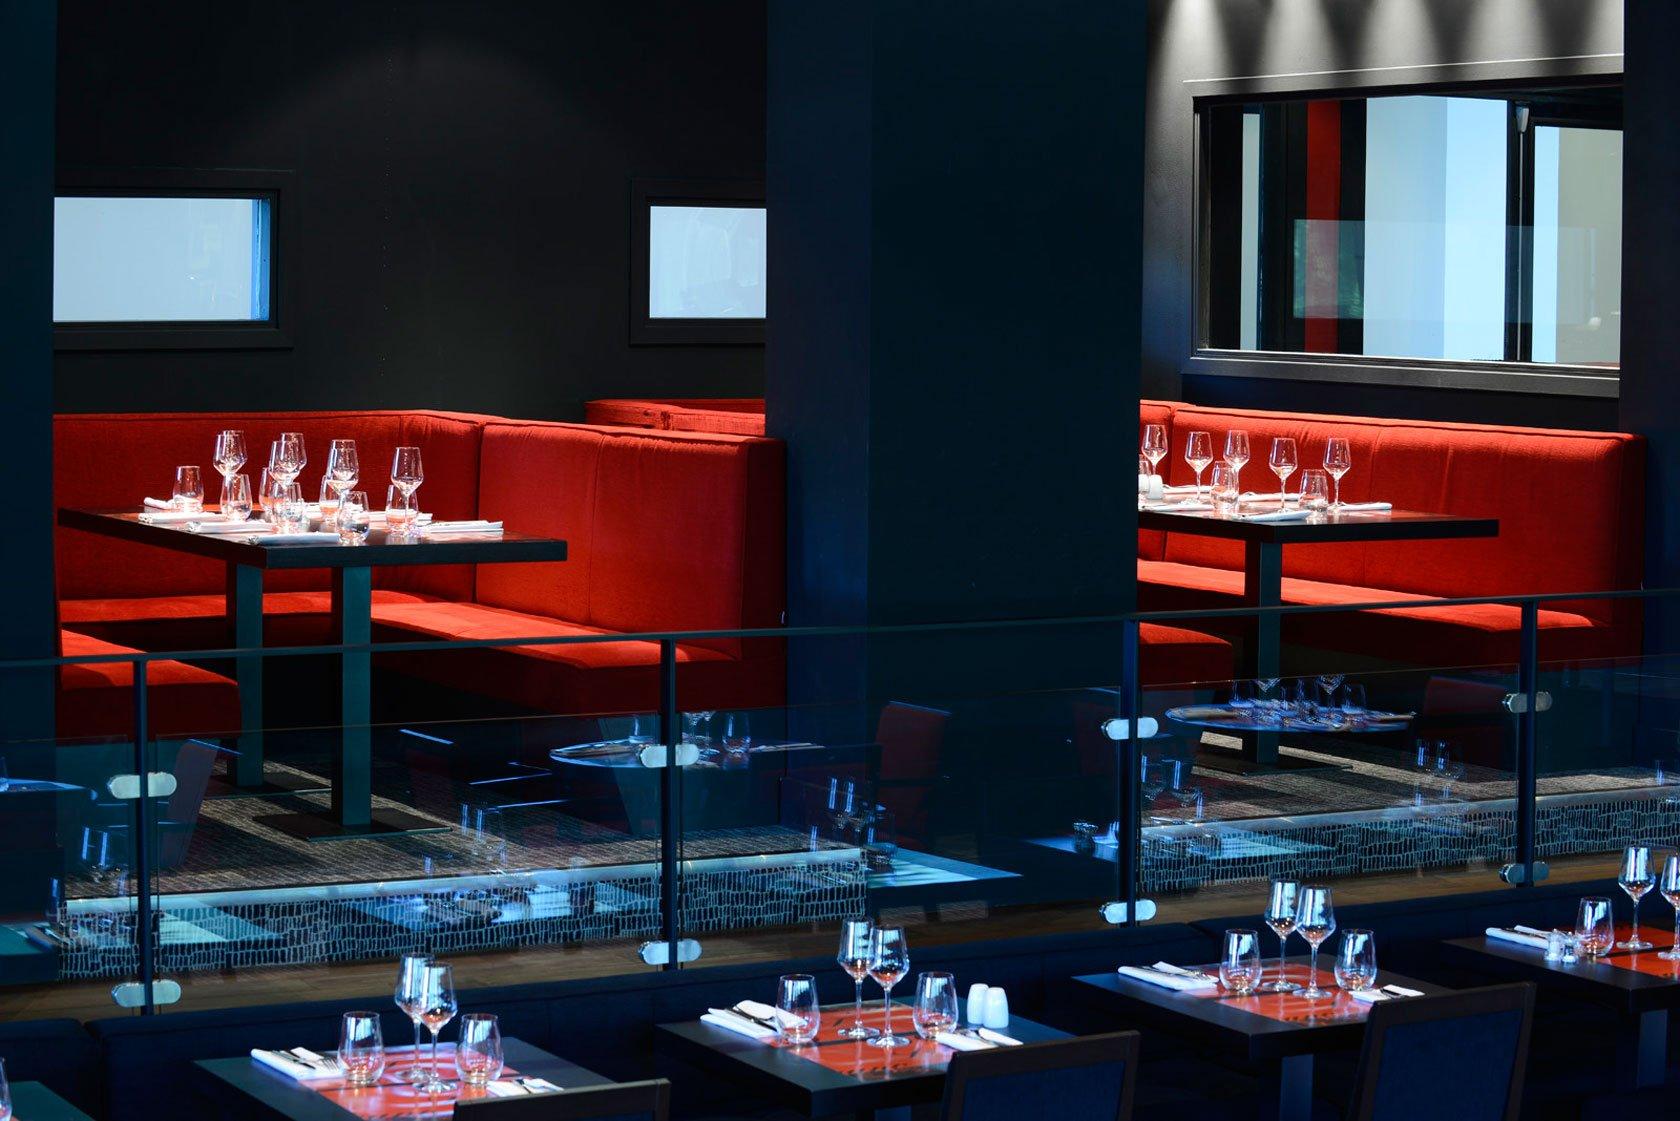 Repas entreprise cuisine traditionnelle italienne restaurant groupe Ferrières-en-Brie 77